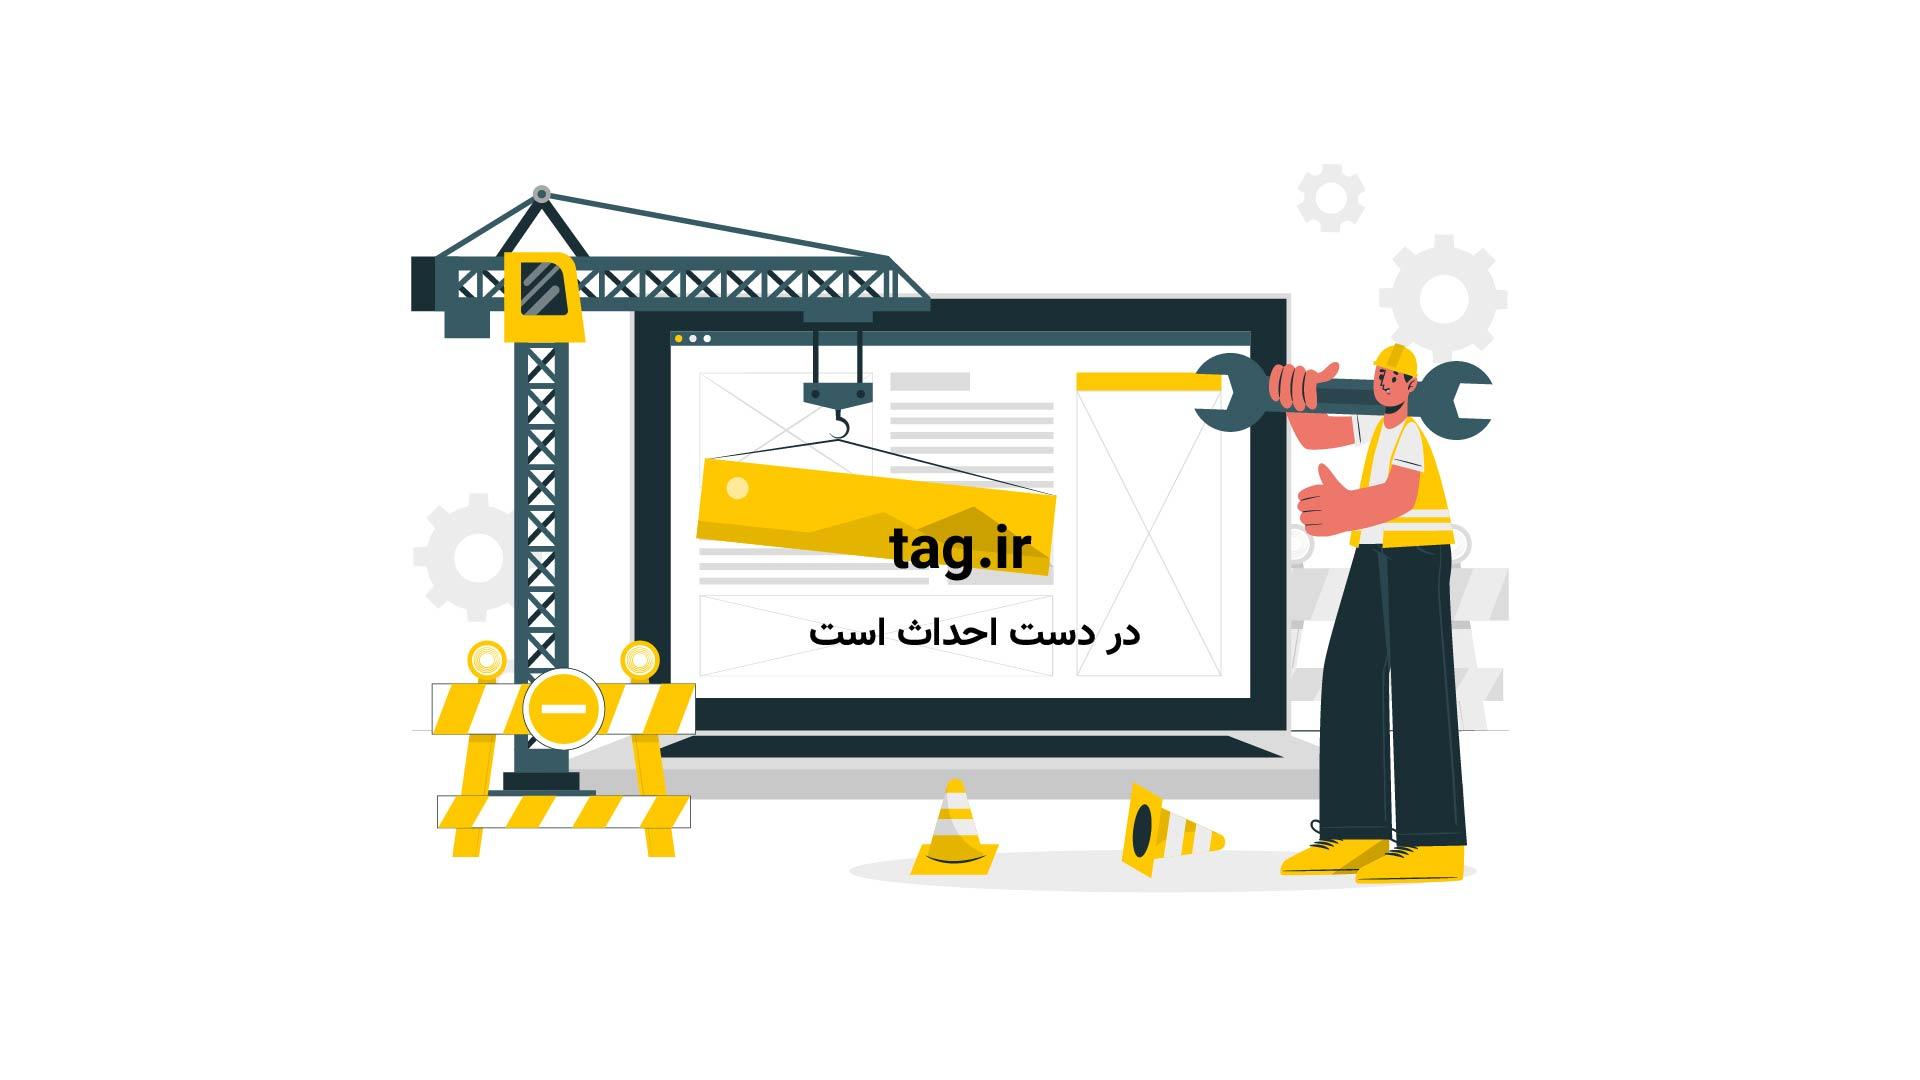 زیباترین پرندگان | تگ